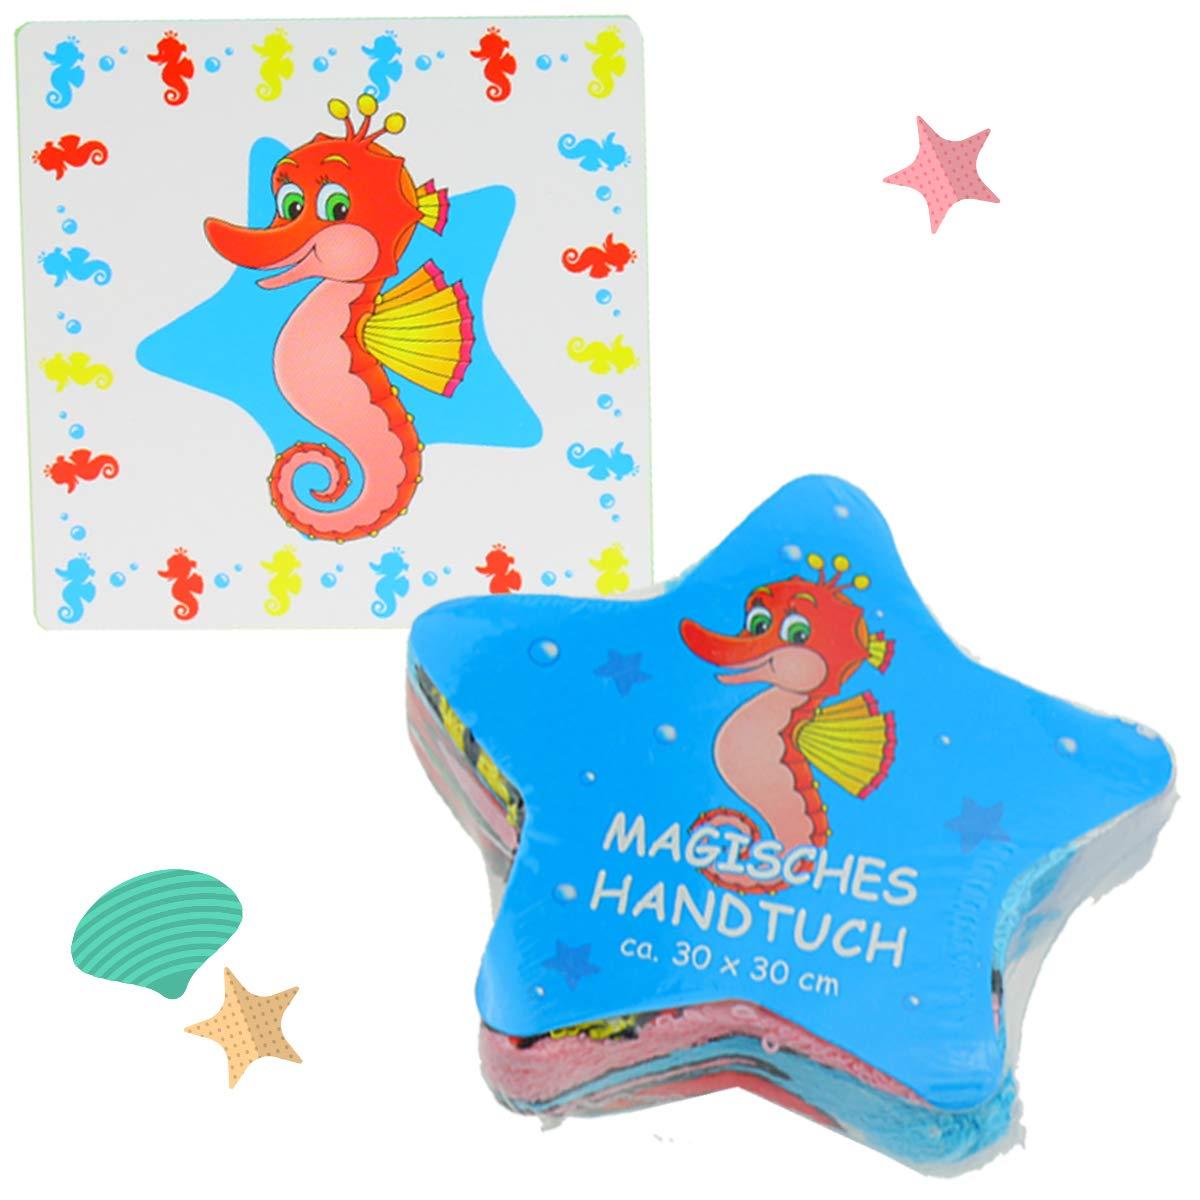 Cepewa asciugamani magici Nemo pesci Mare abita waschlappen 30/cm bambini Mitgebsel